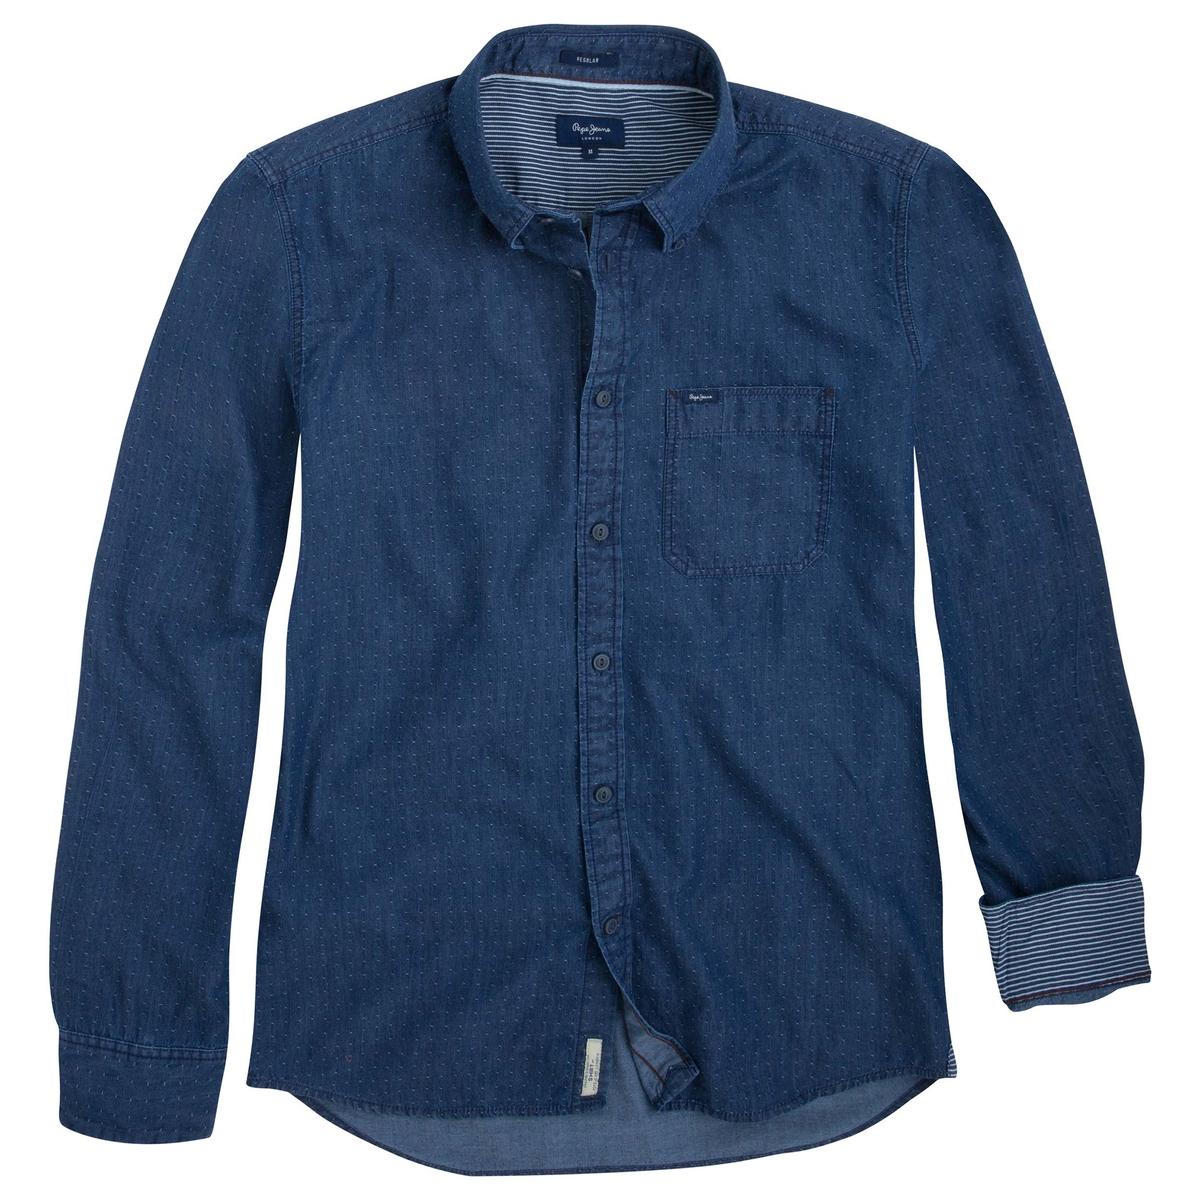 Рубашка PAGANO из денима в горошекРубашка с рисунком PAGANO из денима от марки PEPE JEANS®. - Длинные рукава, манжеты на пуговицах с подкладкой из контрастной ткани в полоску- Прямой покрой и закругленный низ- Классический воротник с уголками на пуговицах.- Застежка на пуговицы, нишивка-логотип внизу- 1 нагрудный карман с логотипом- Деним с рисунком в горошекСостав и описание :Основной материал : 100% хлопокМарка : PEPE JEANS®Уход :Следуйте рекомендациям, указанным на этикетке изделия.<br><br>Цвет: синий/наб. рисунок<br>Размер: S